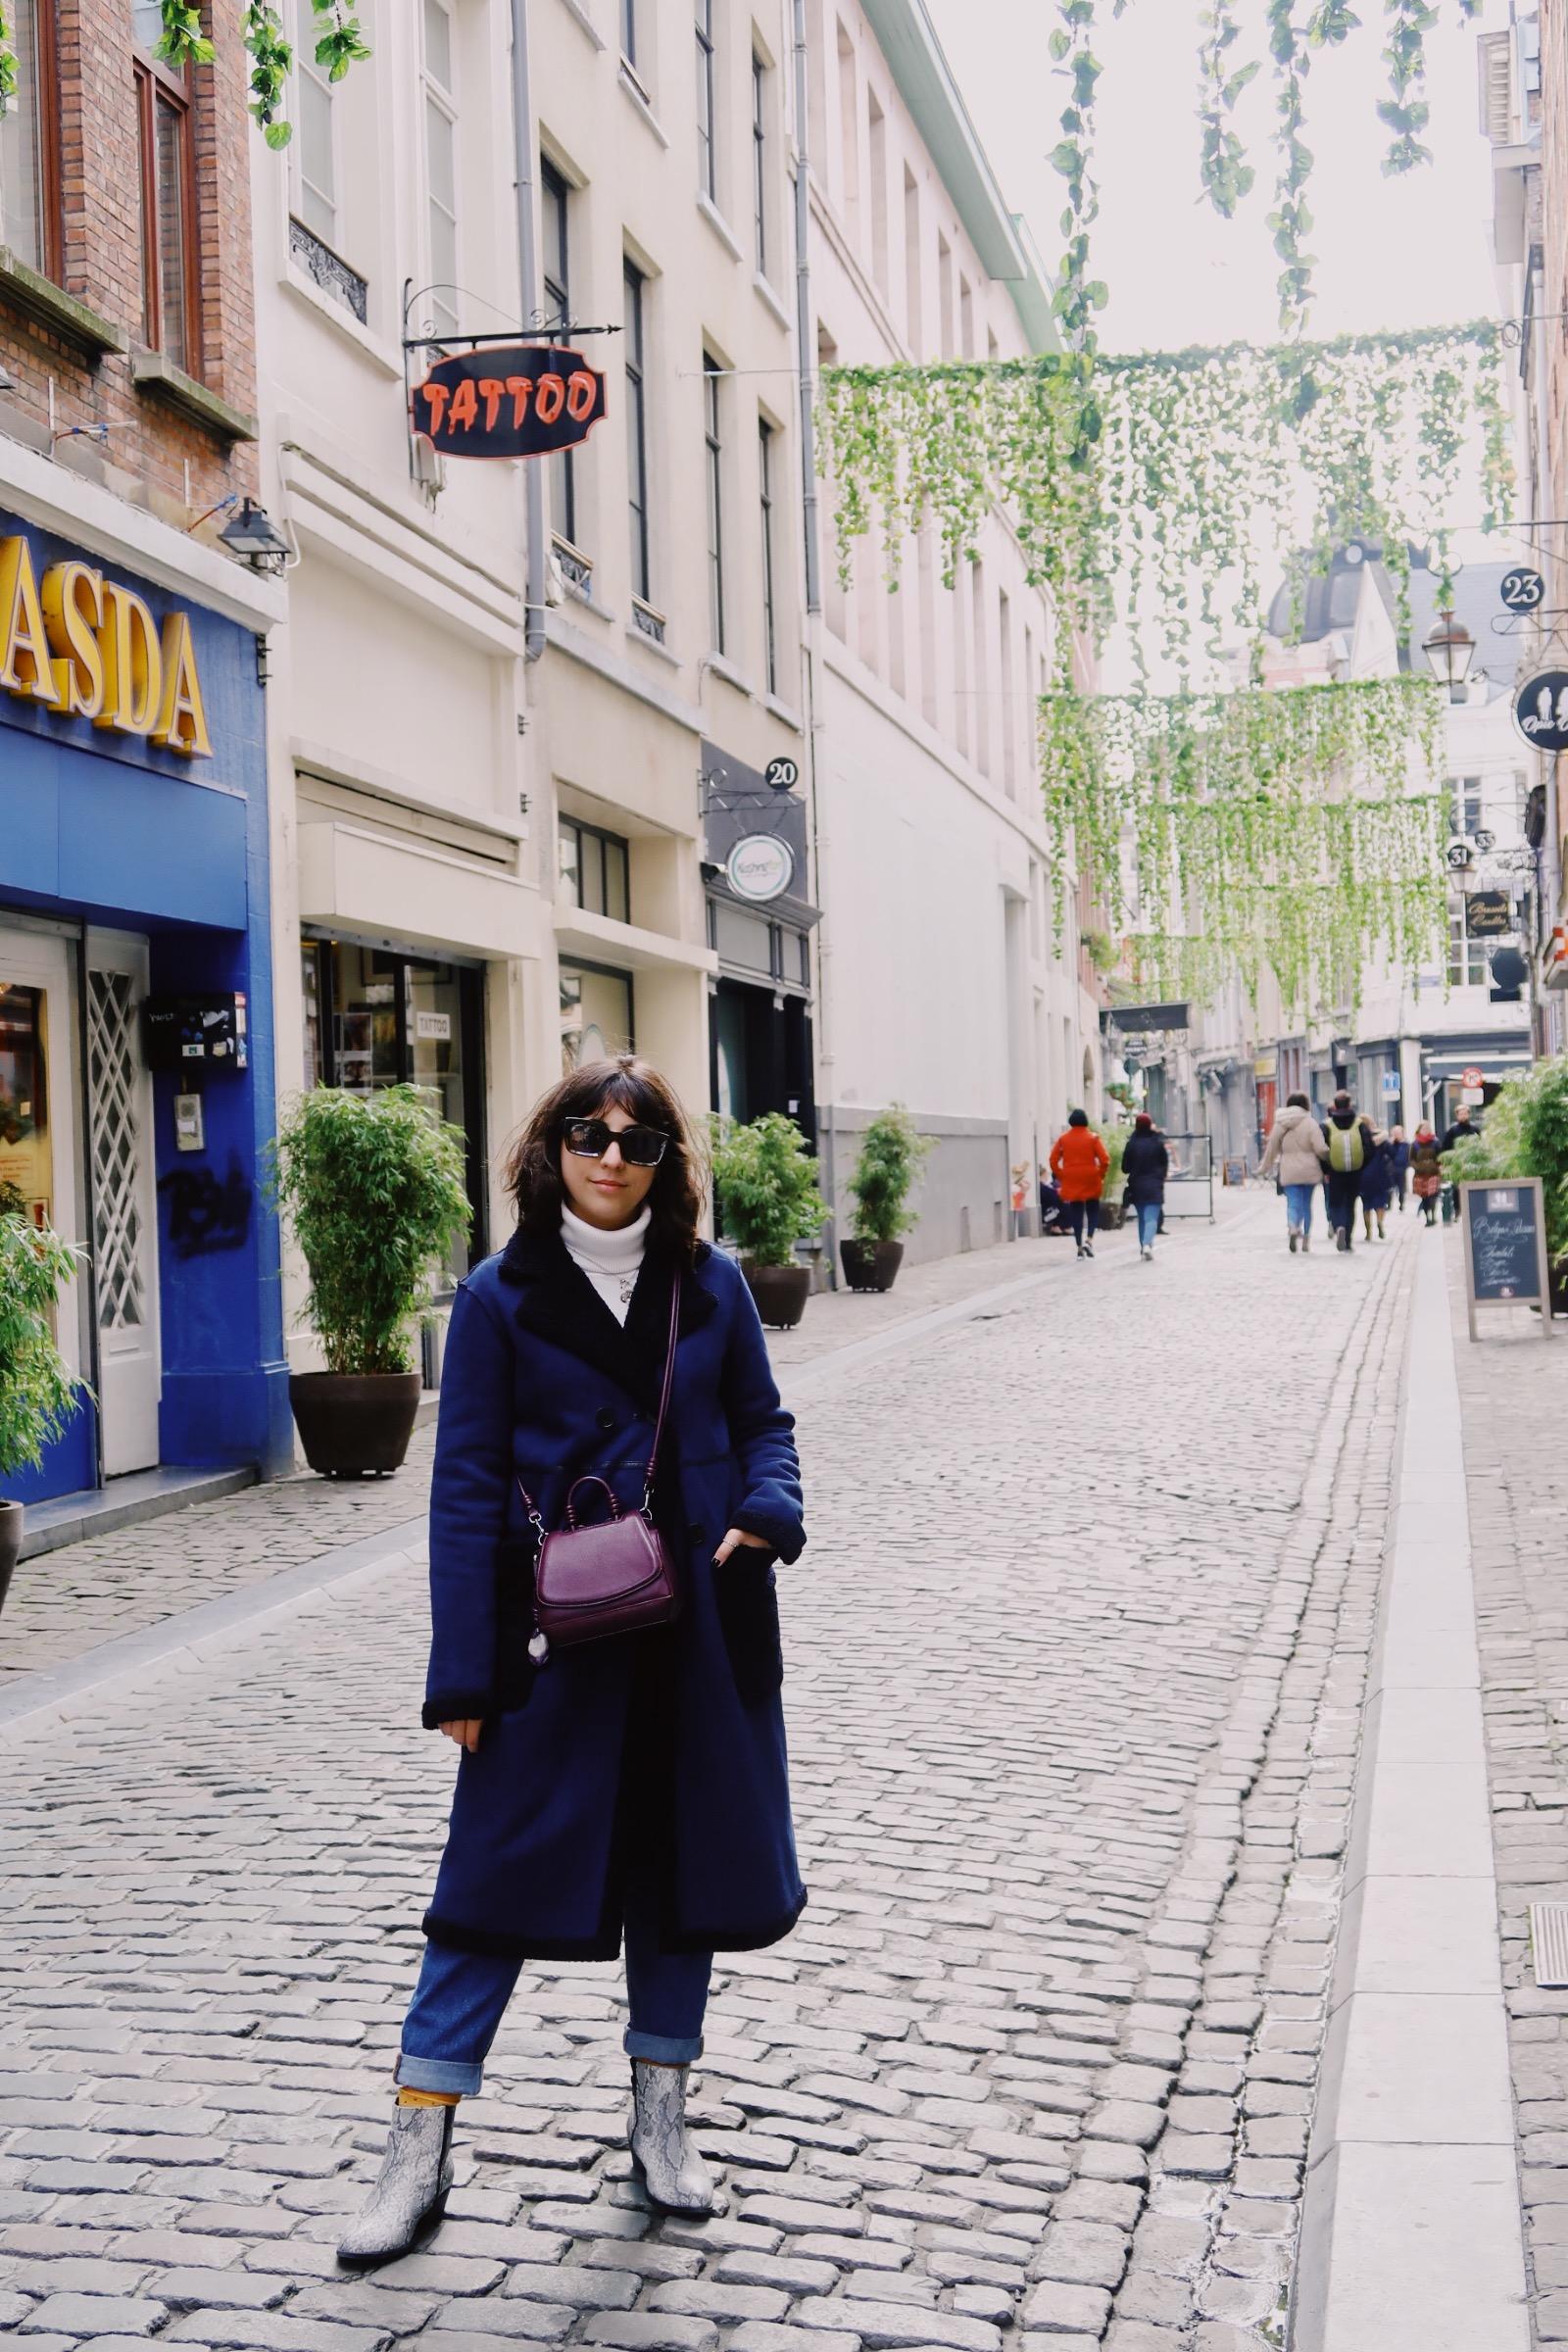 bruxelas sofi ilove looks viagem lolla - Travel in style. Os looks da Sofia Stipkovic, head of content iLove.e, pela Europa.